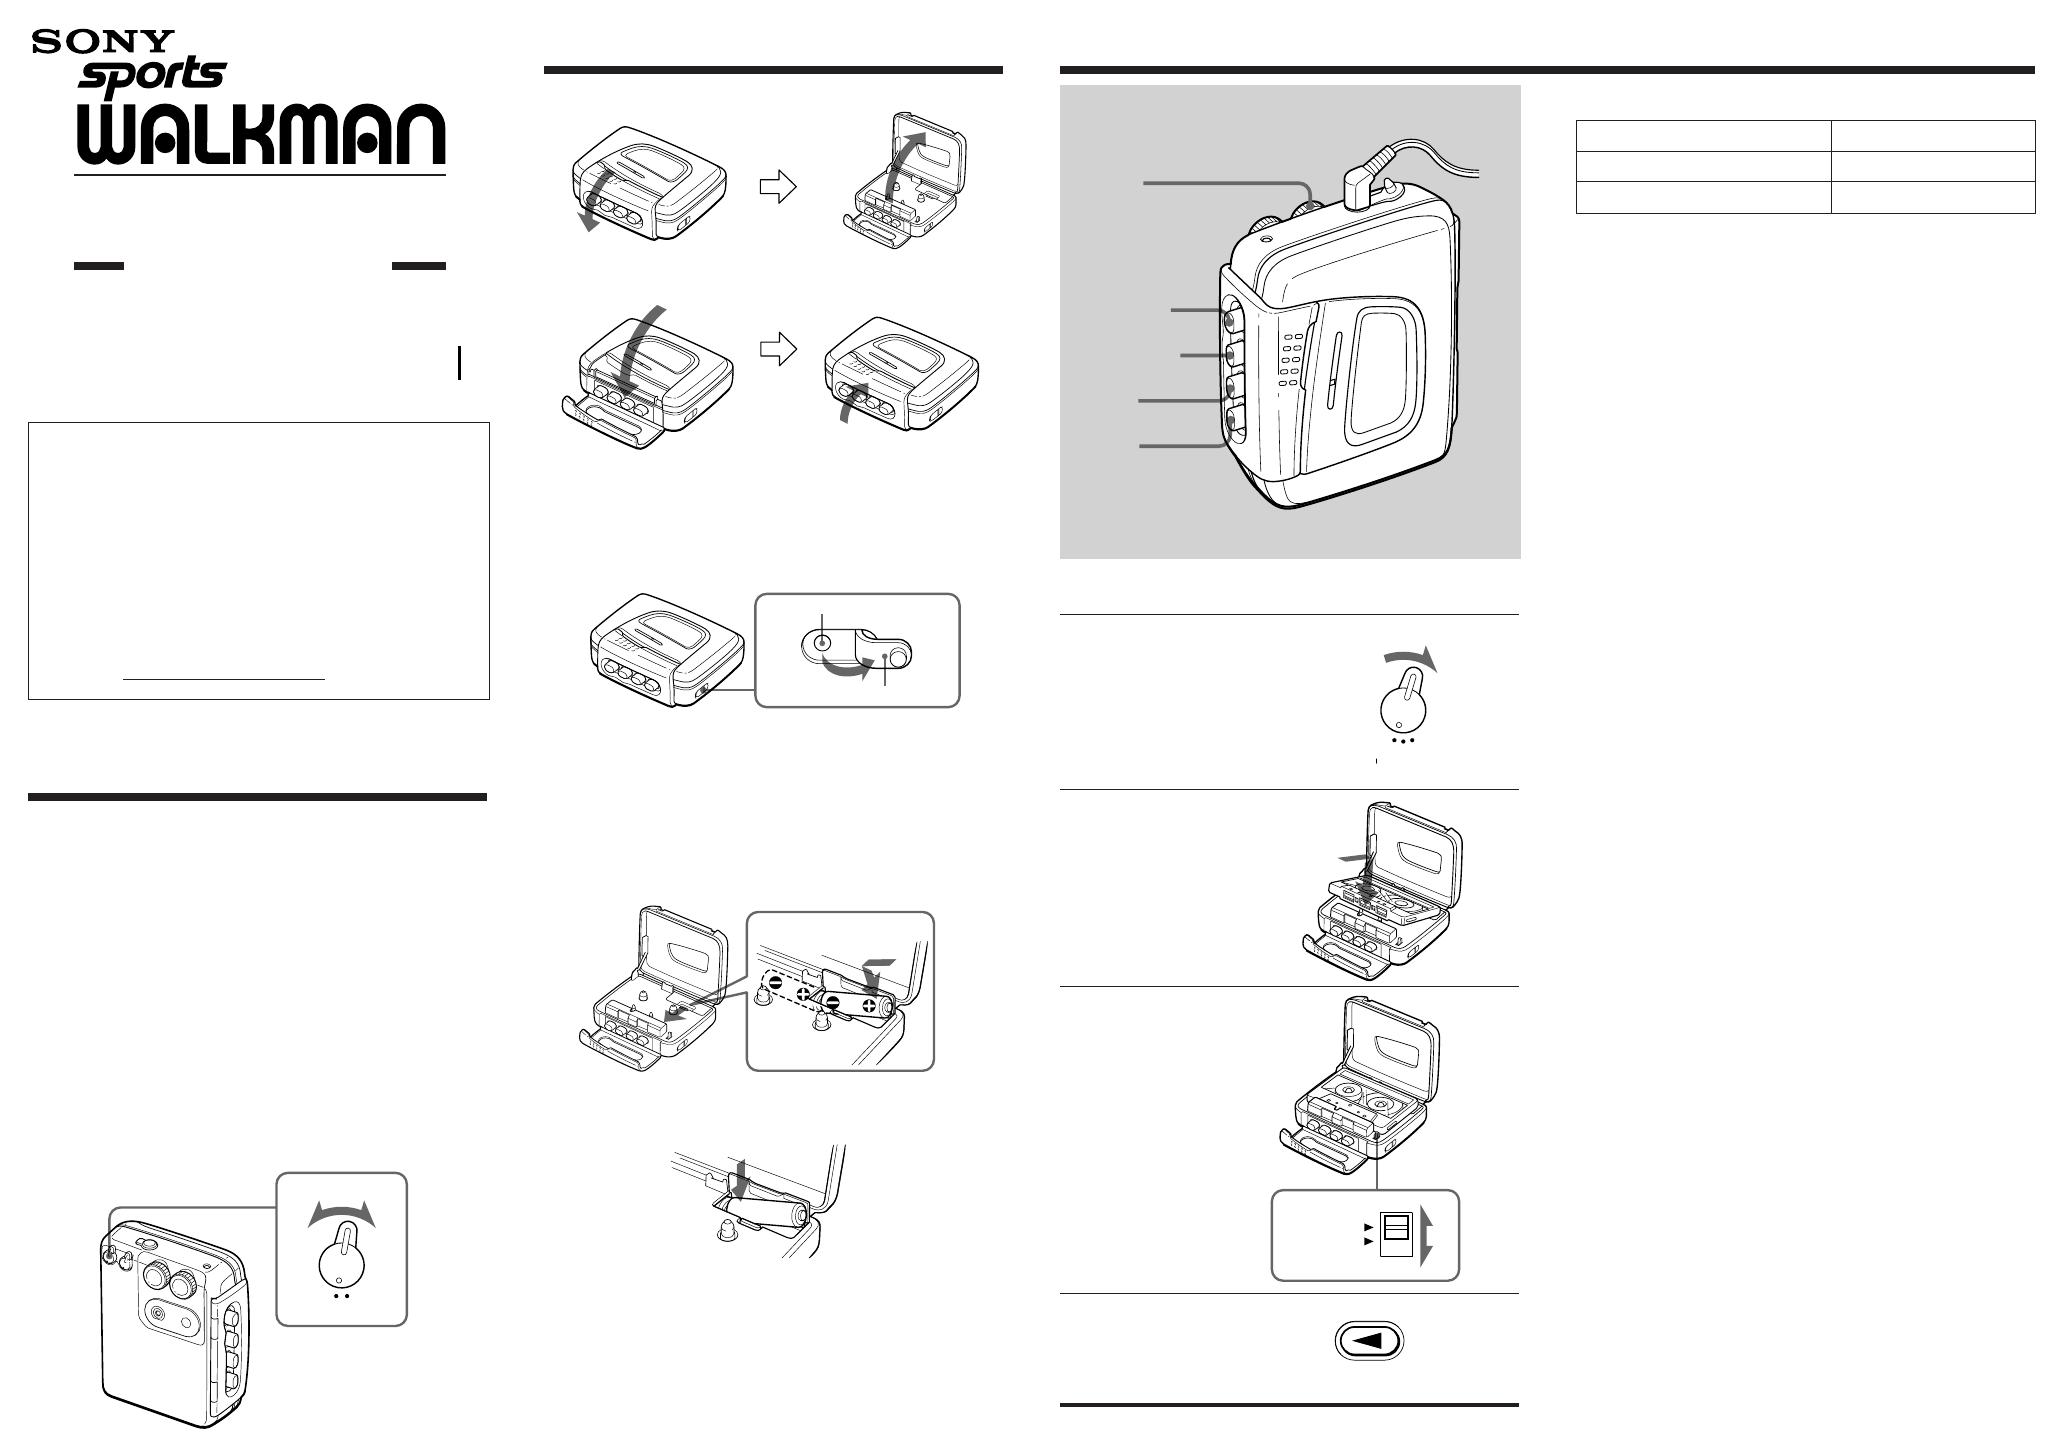 sony cassette player wm fs191 user guide manualsonline com rh audio manualsonline com sony walkman wm-fx 281 user manual sony walkman user guide